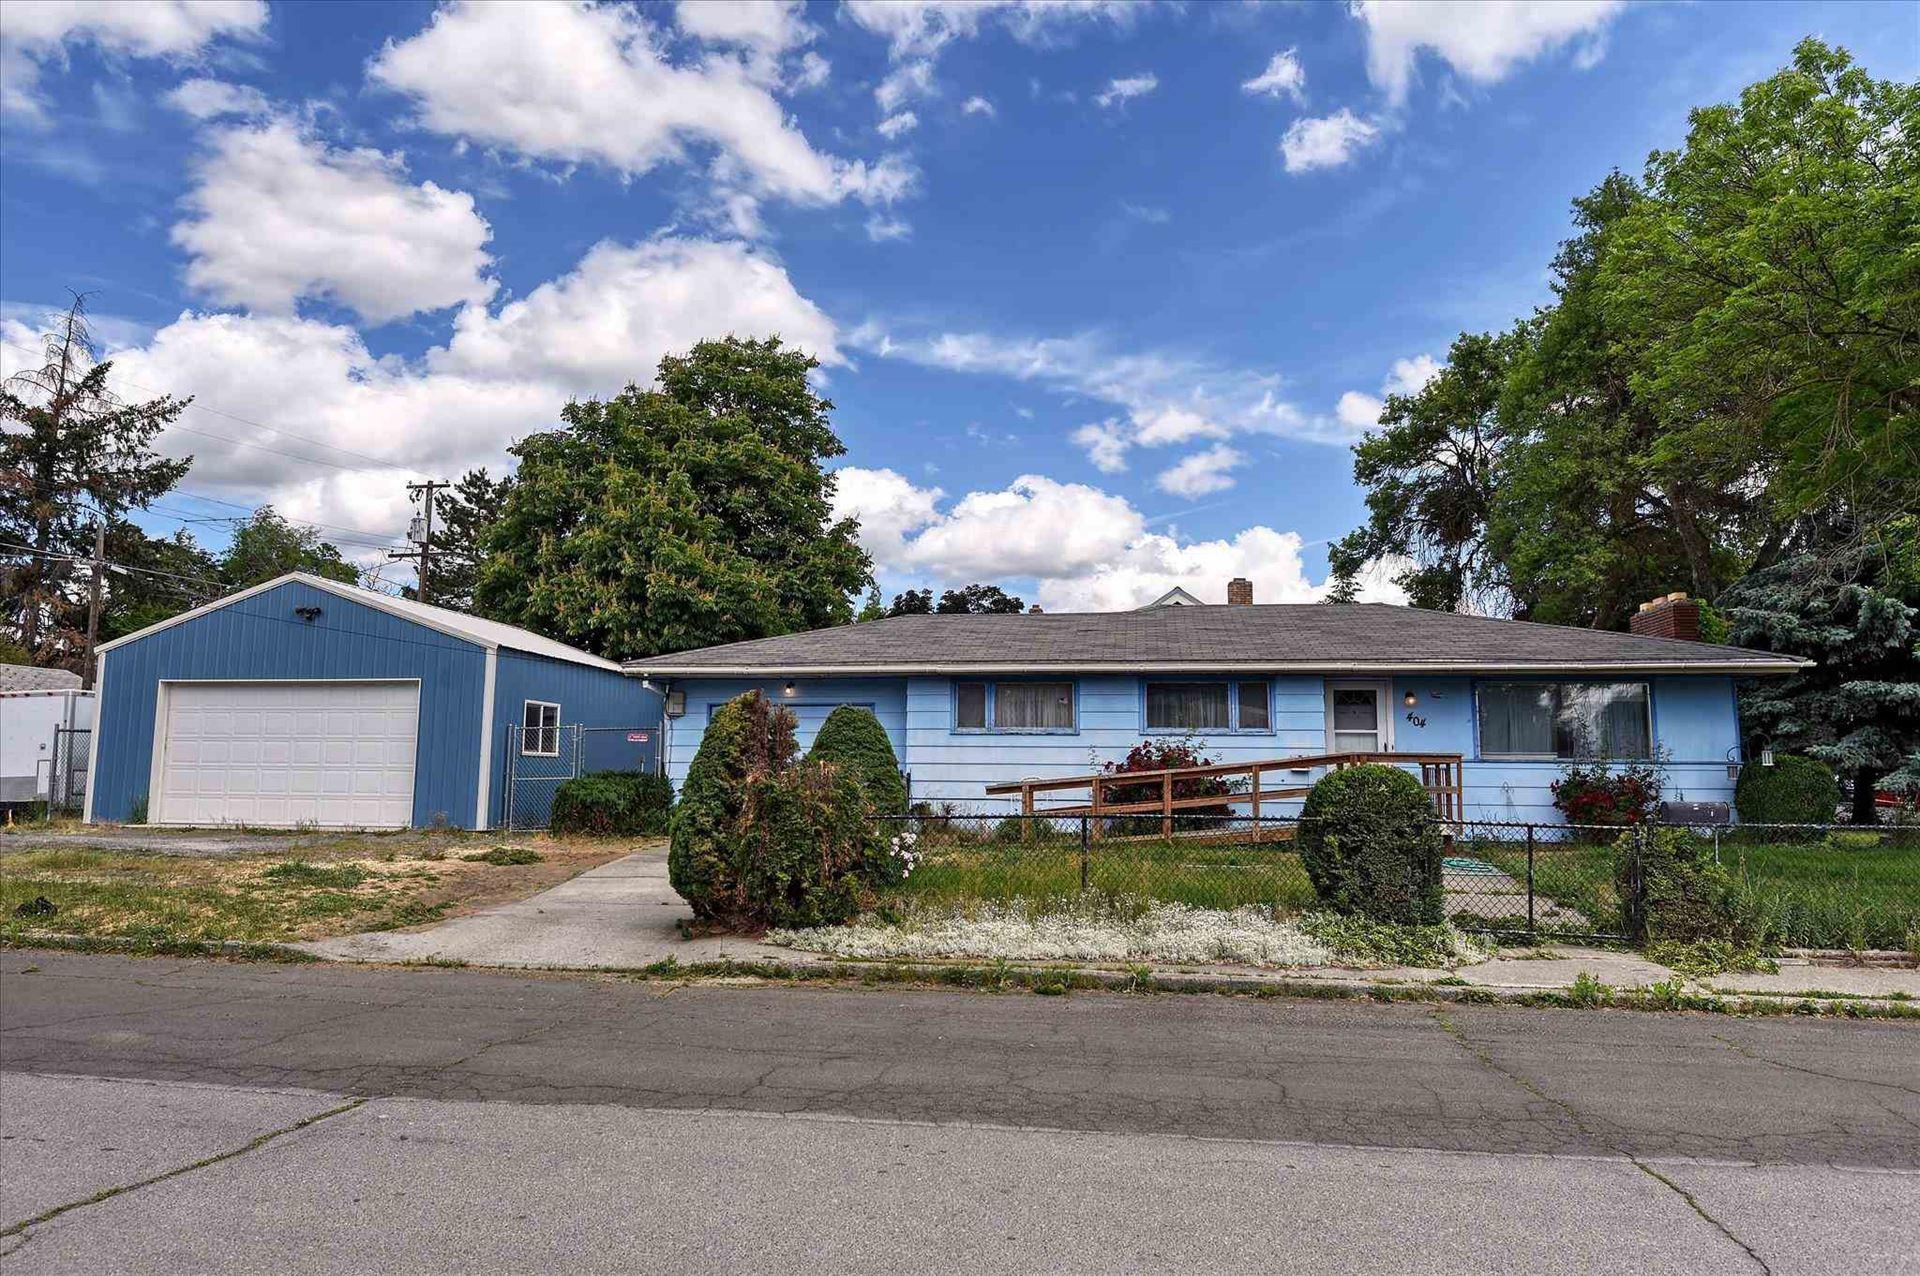 404 W Heroy Ave, Spokane, WA 99205 - #: 202116882